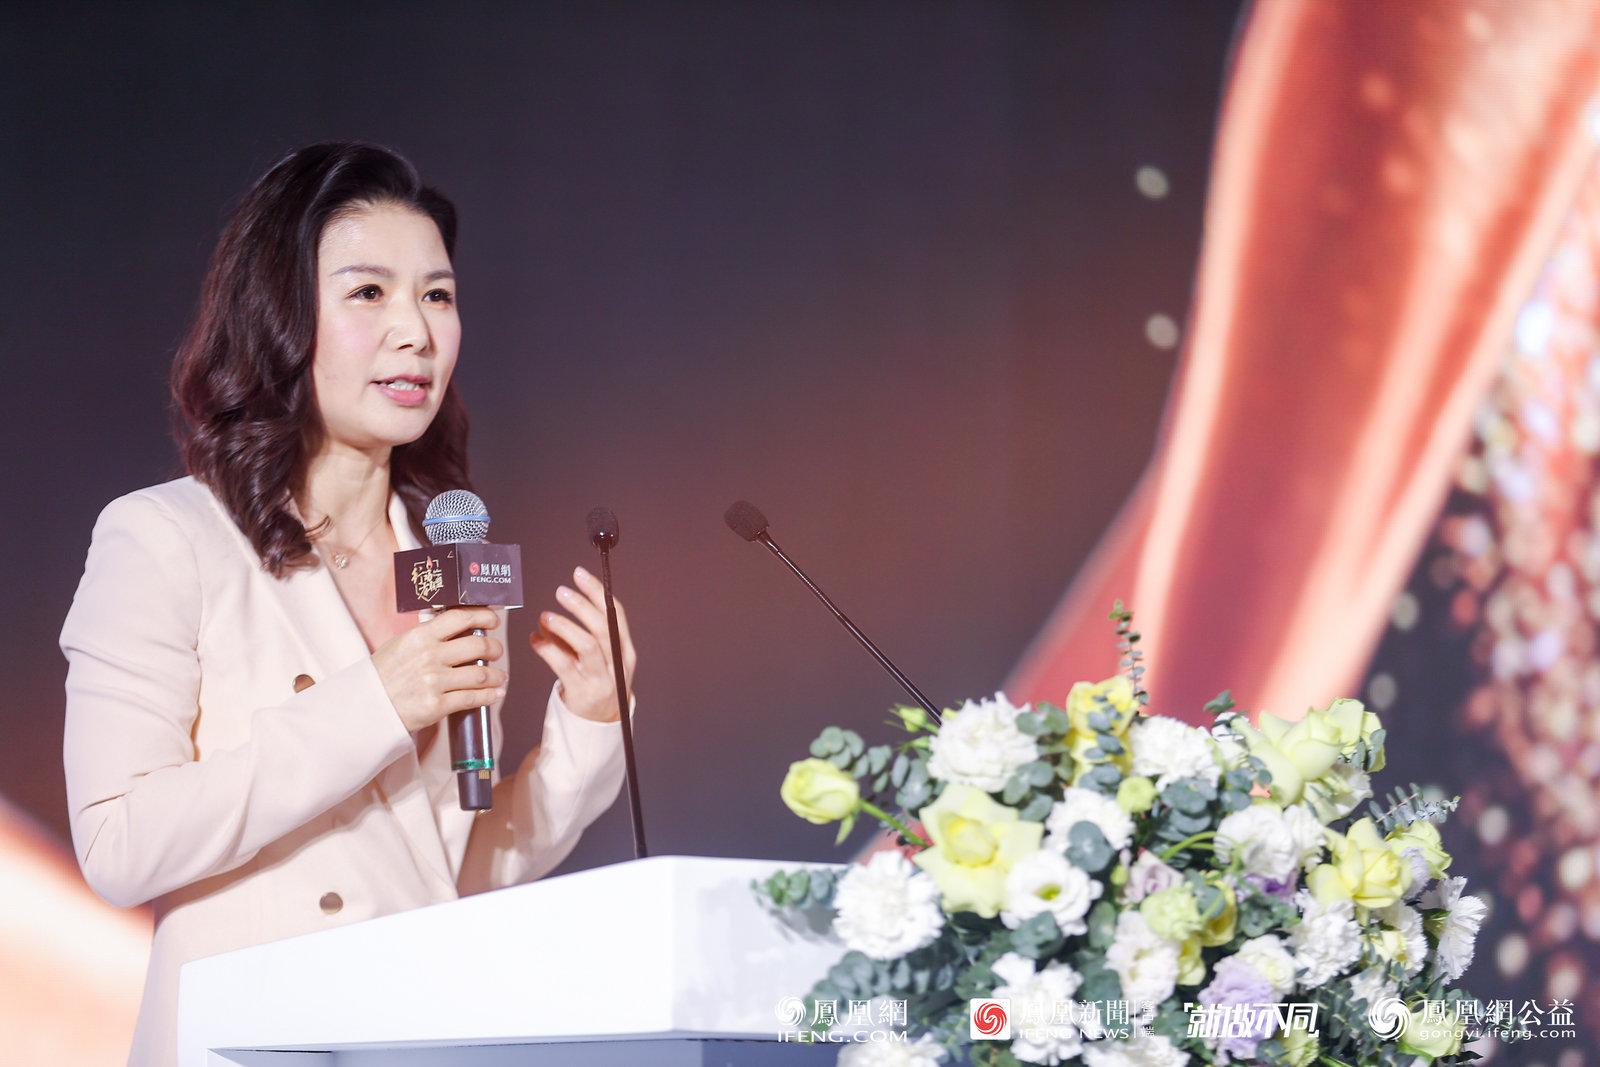 凤凰网高级副总裁池小燕做开场致词。